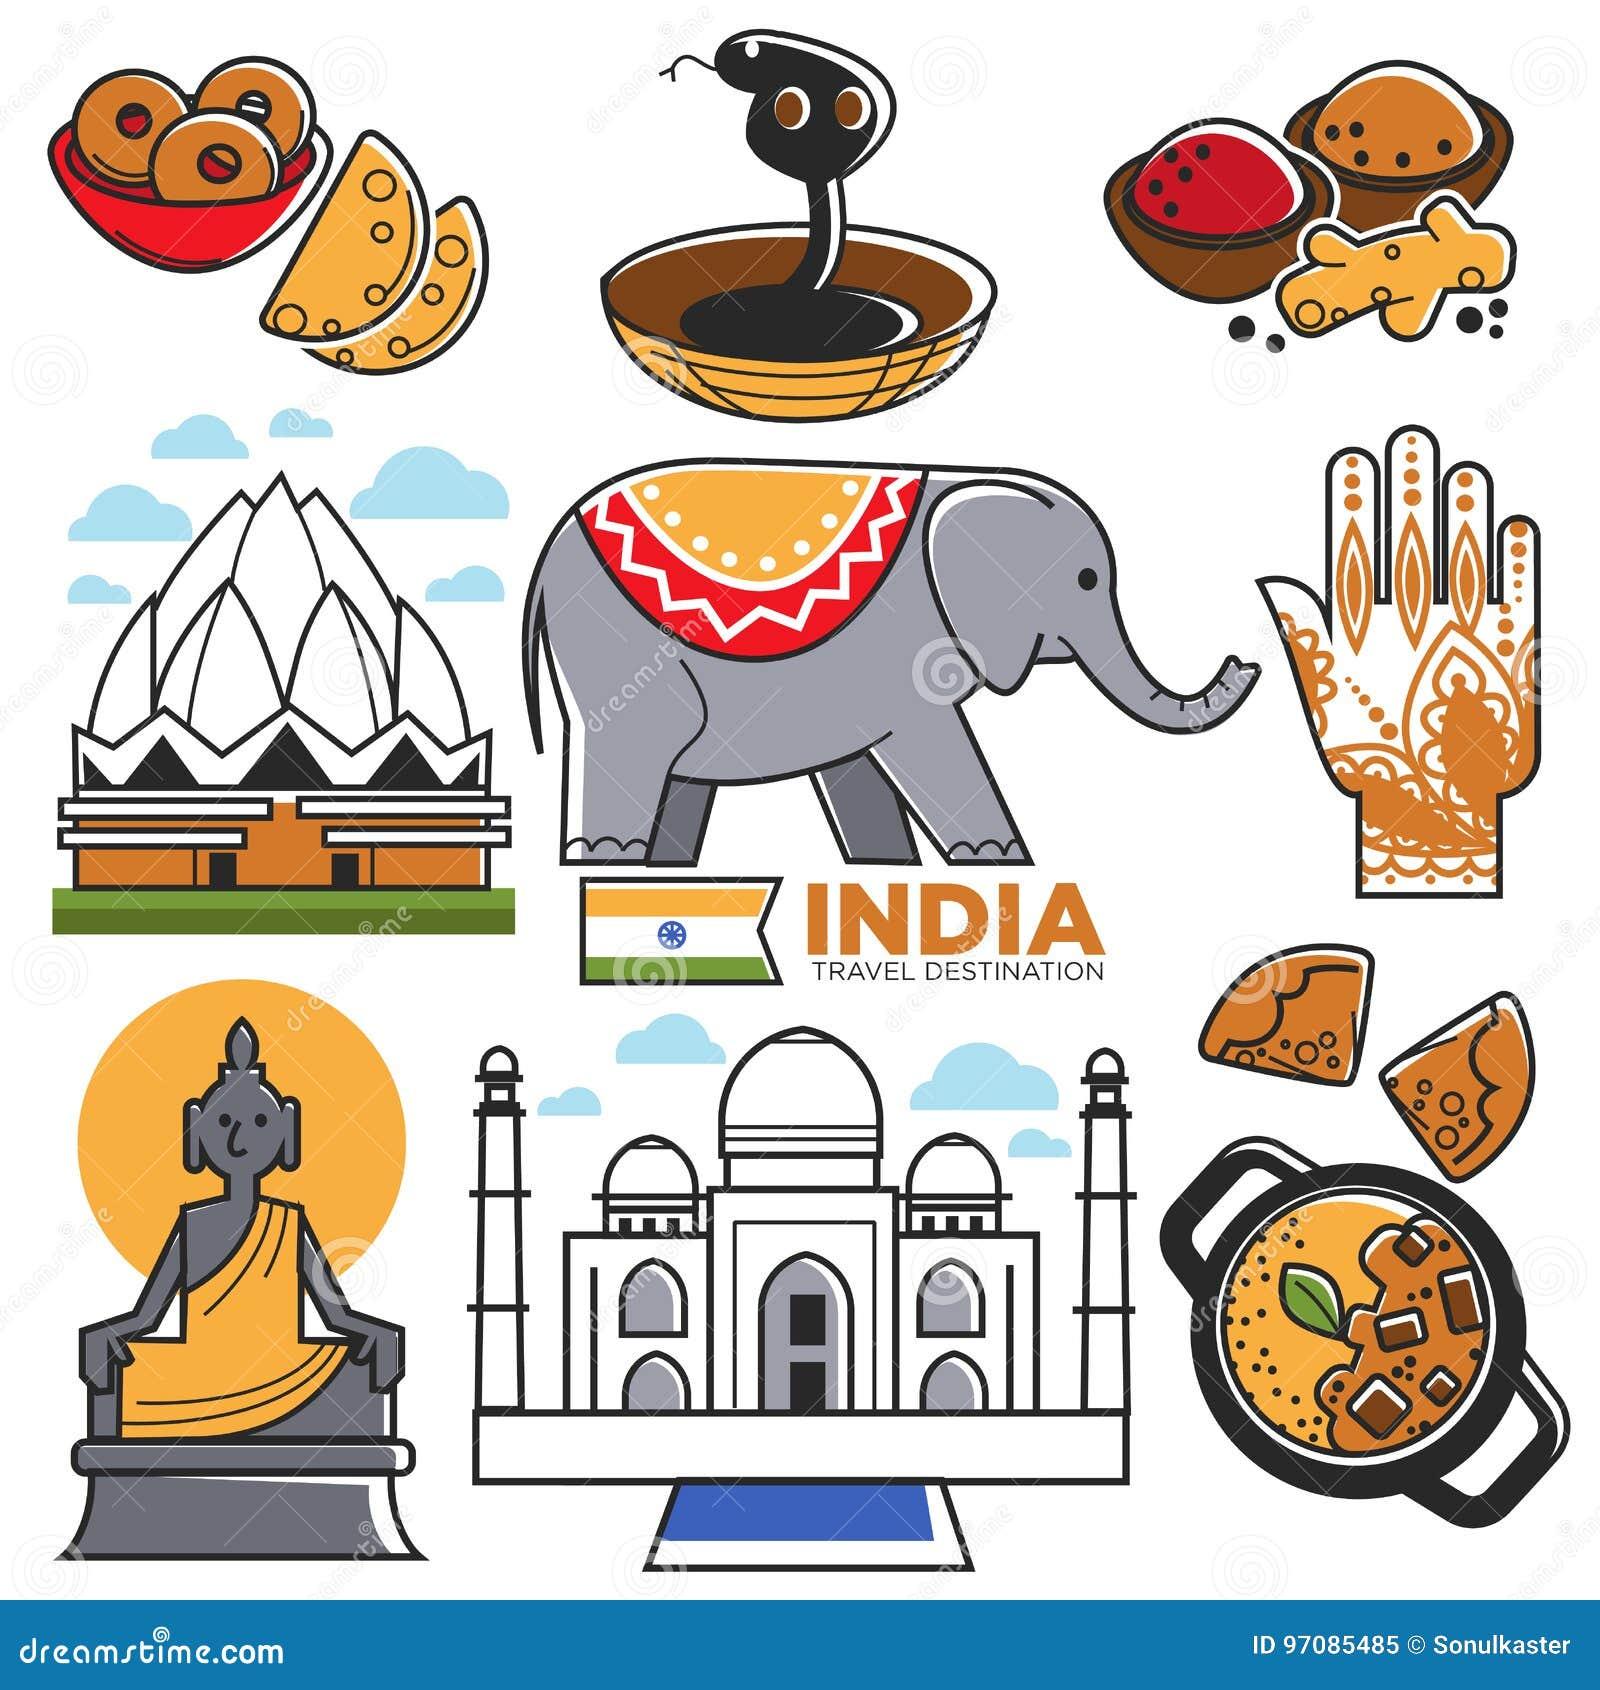 India Tourist Places Clipart